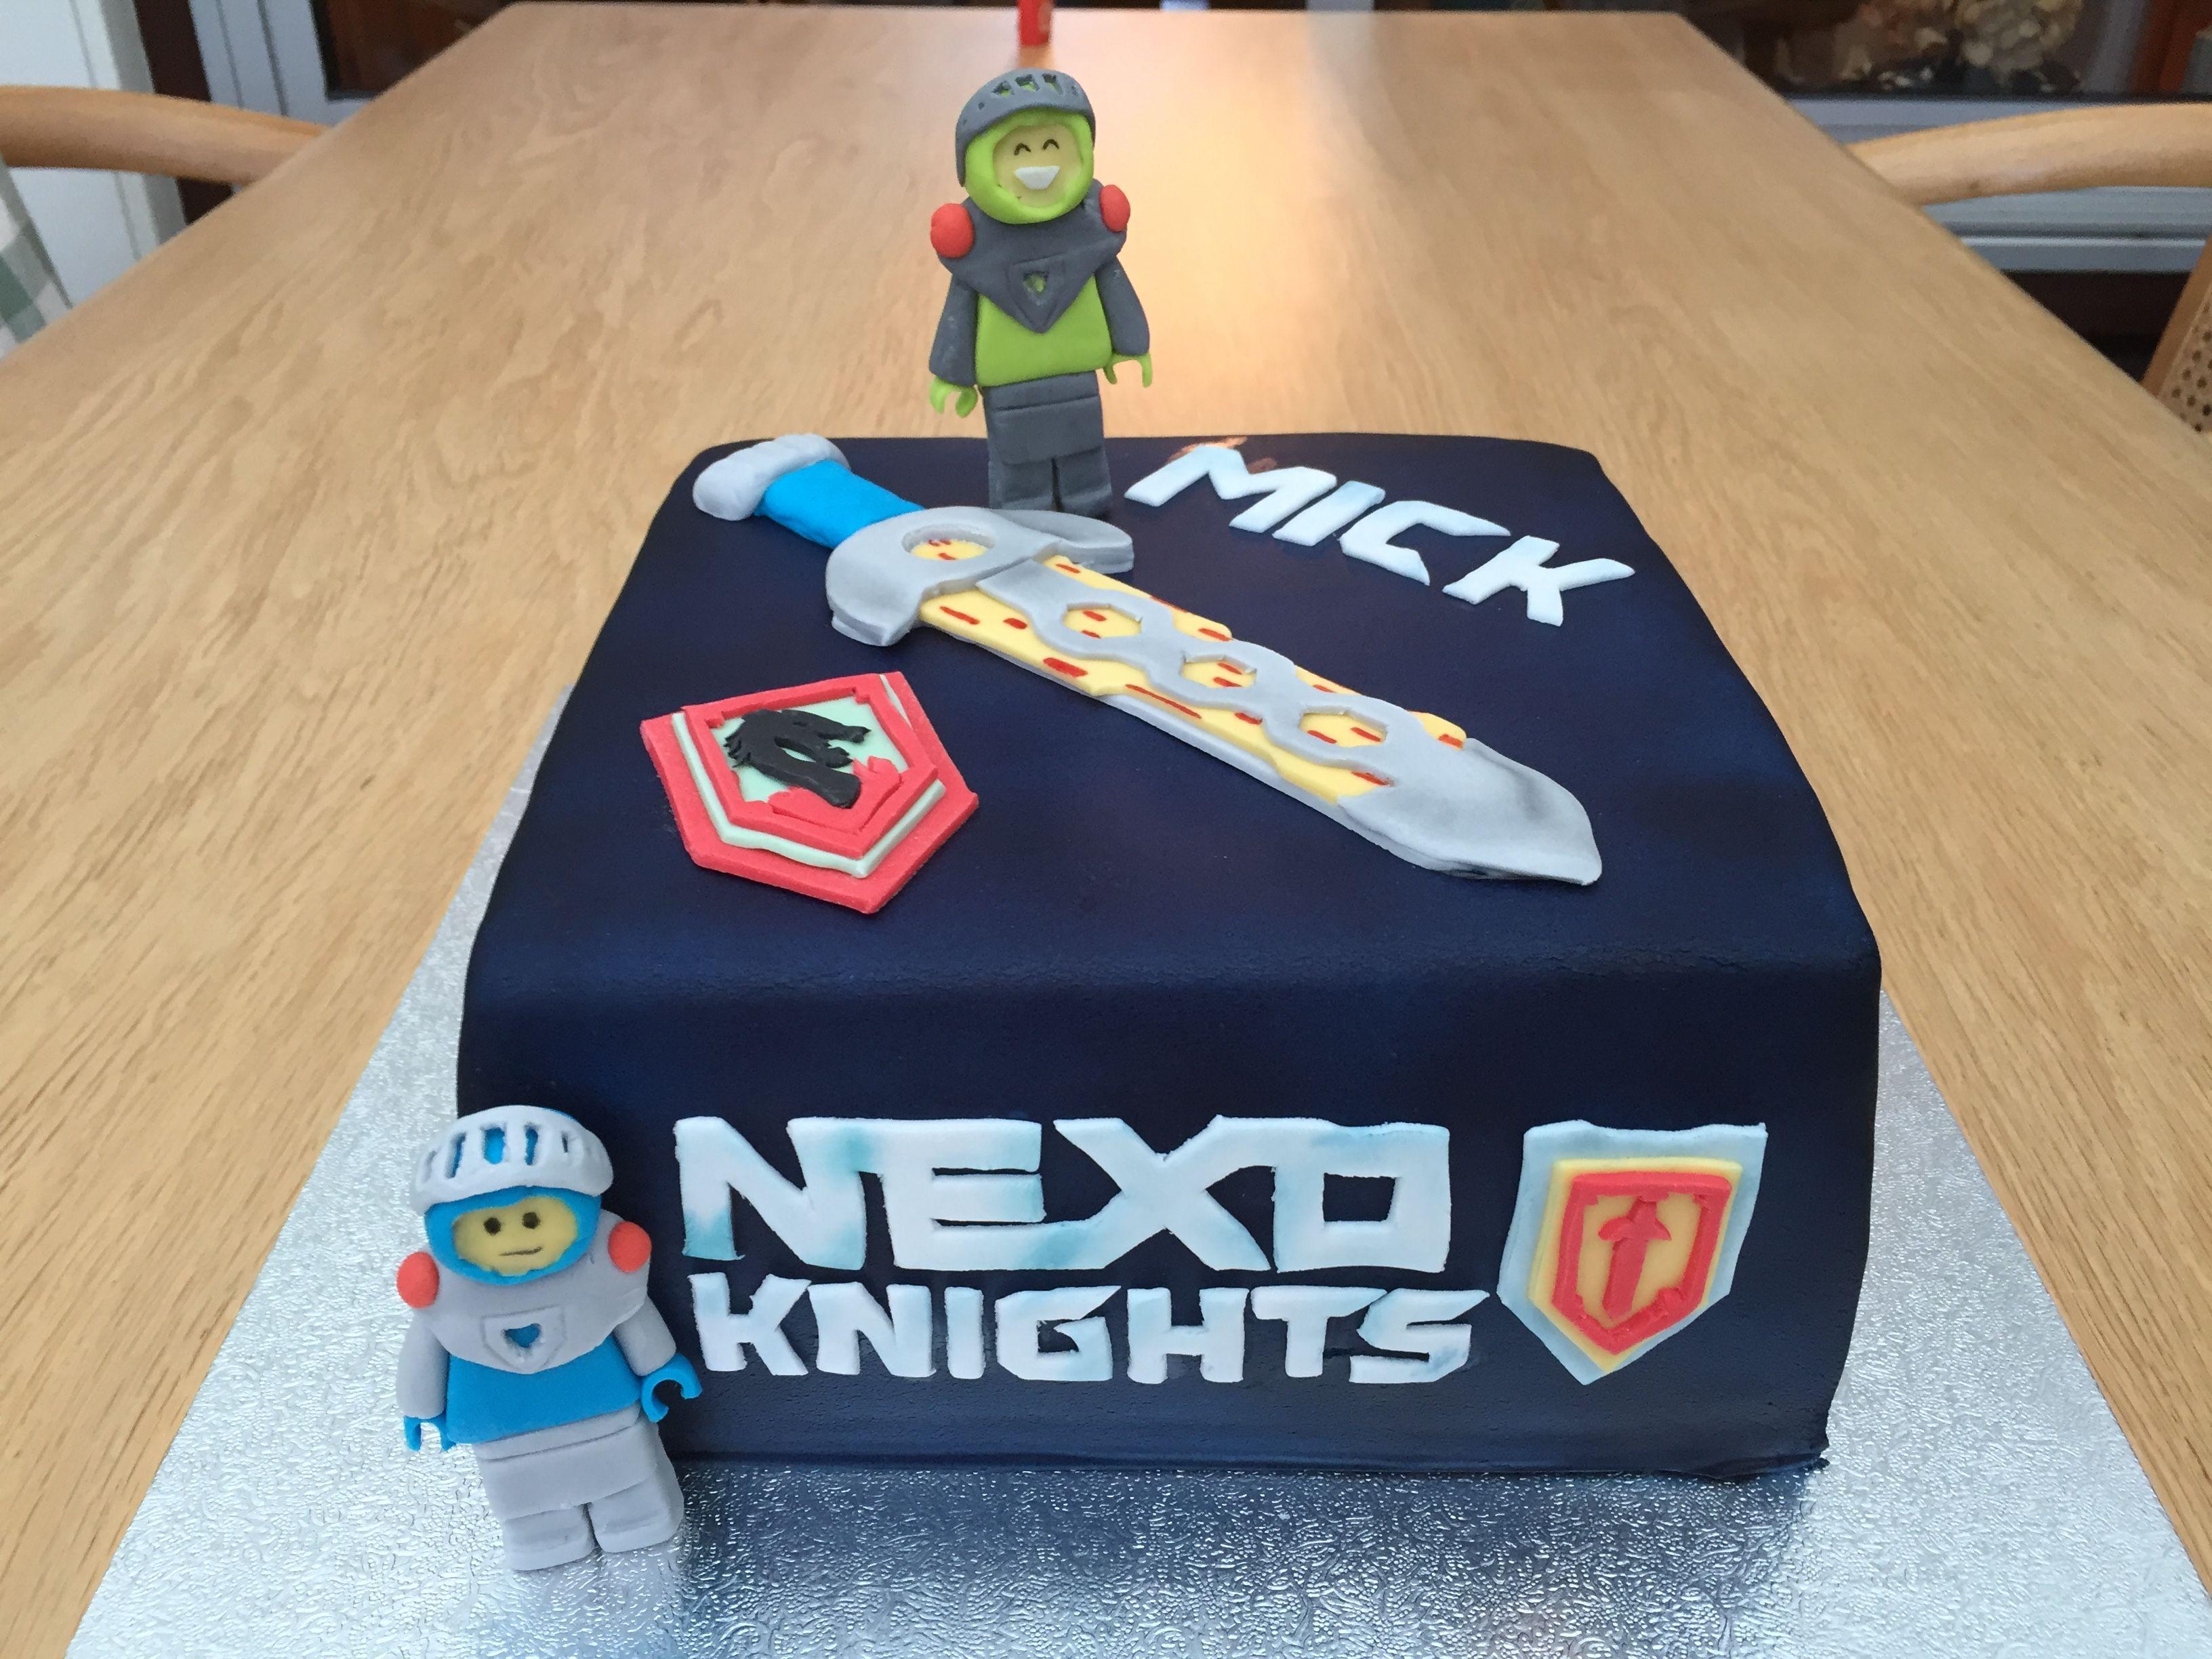 lego nexo knights cake torte pinterest geburtstage geburtstagsfeier ideen und torten. Black Bedroom Furniture Sets. Home Design Ideas